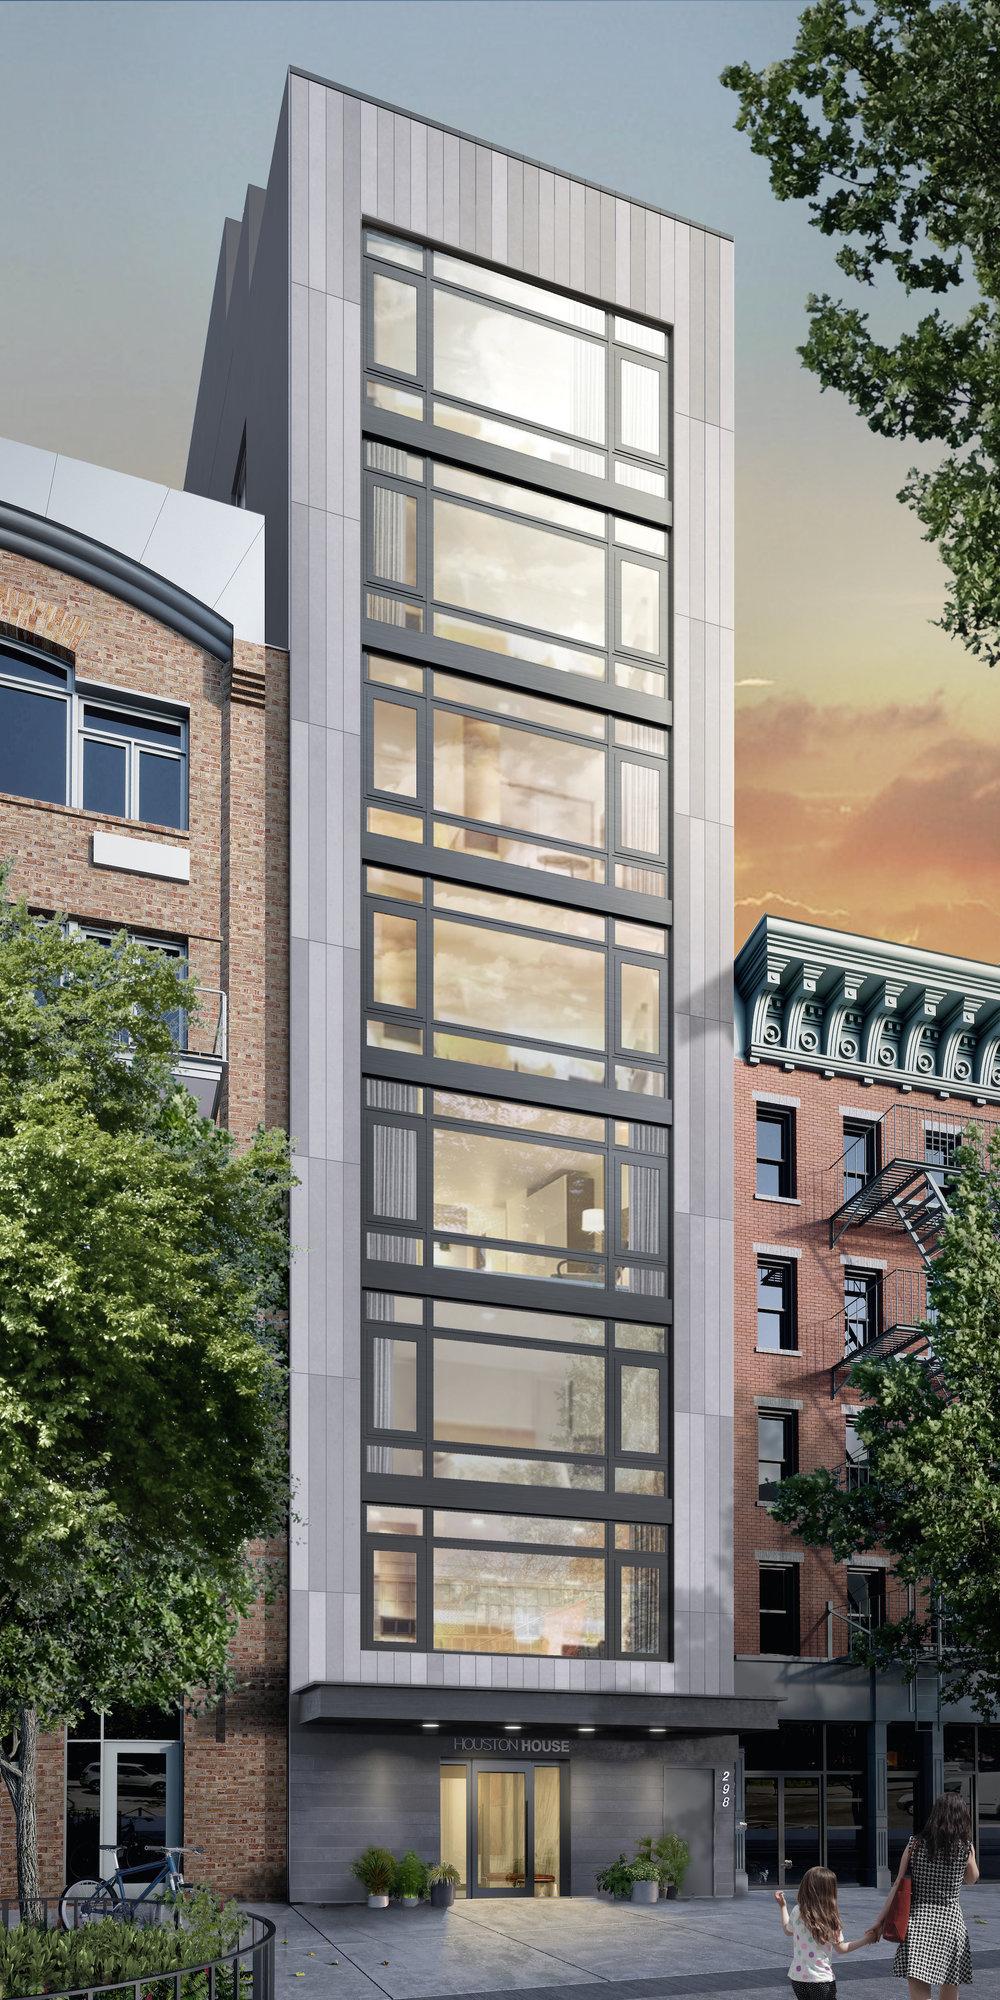 HOUSTON HOUSE - FACADE - FINAL.jpg